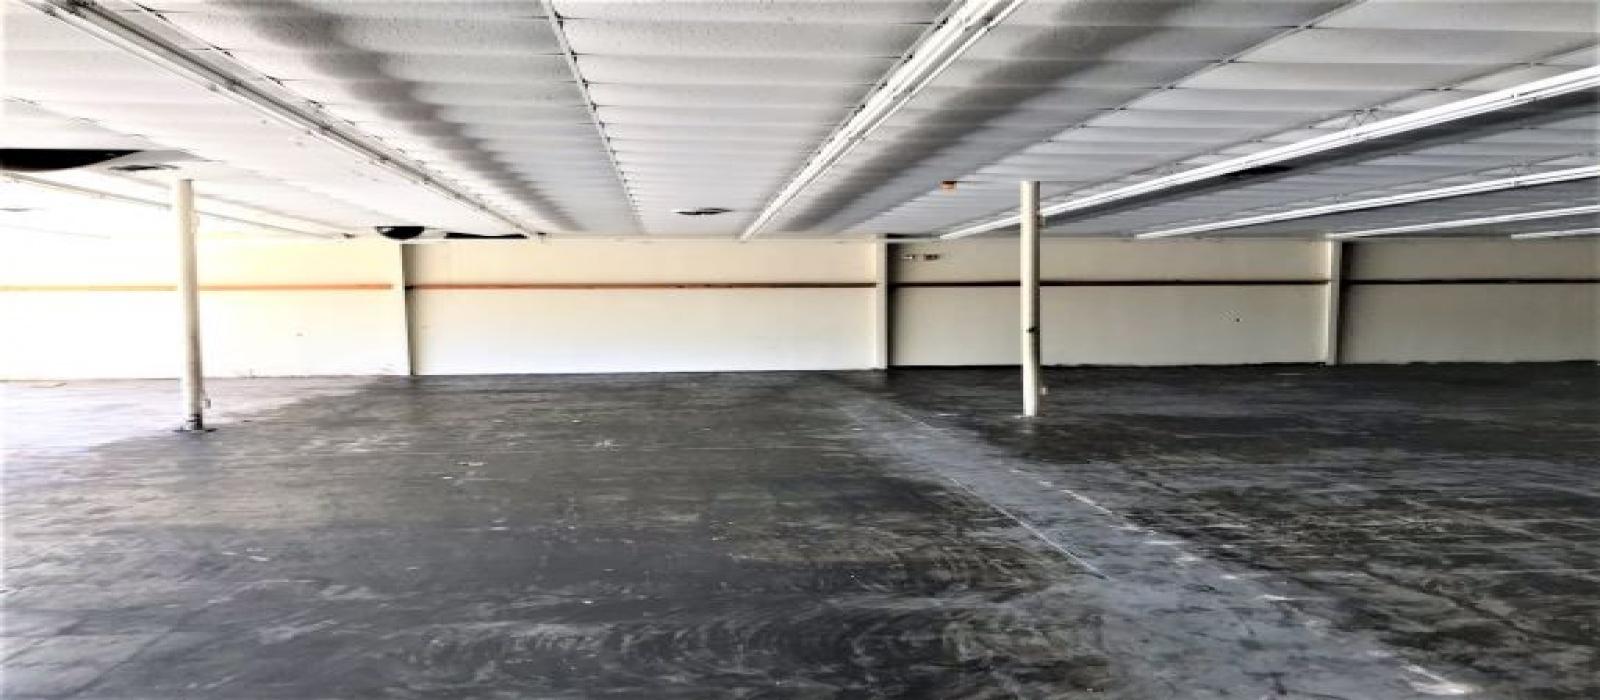 801 E. Main Street, Meadville, Mississippi 39653, ,Retail,For Sale,801 E. Main Street,1029